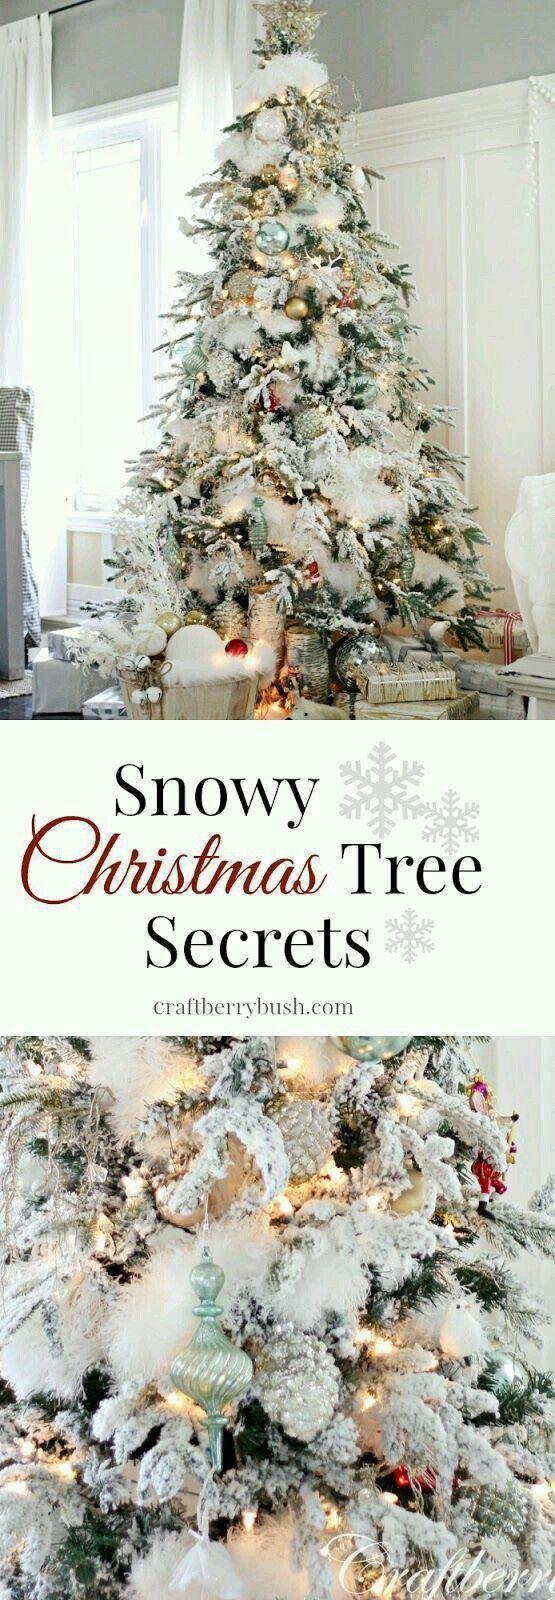 Non traditional christmas tree ideas - 47 Gorgeous Traditional Christmas Tree Ideas